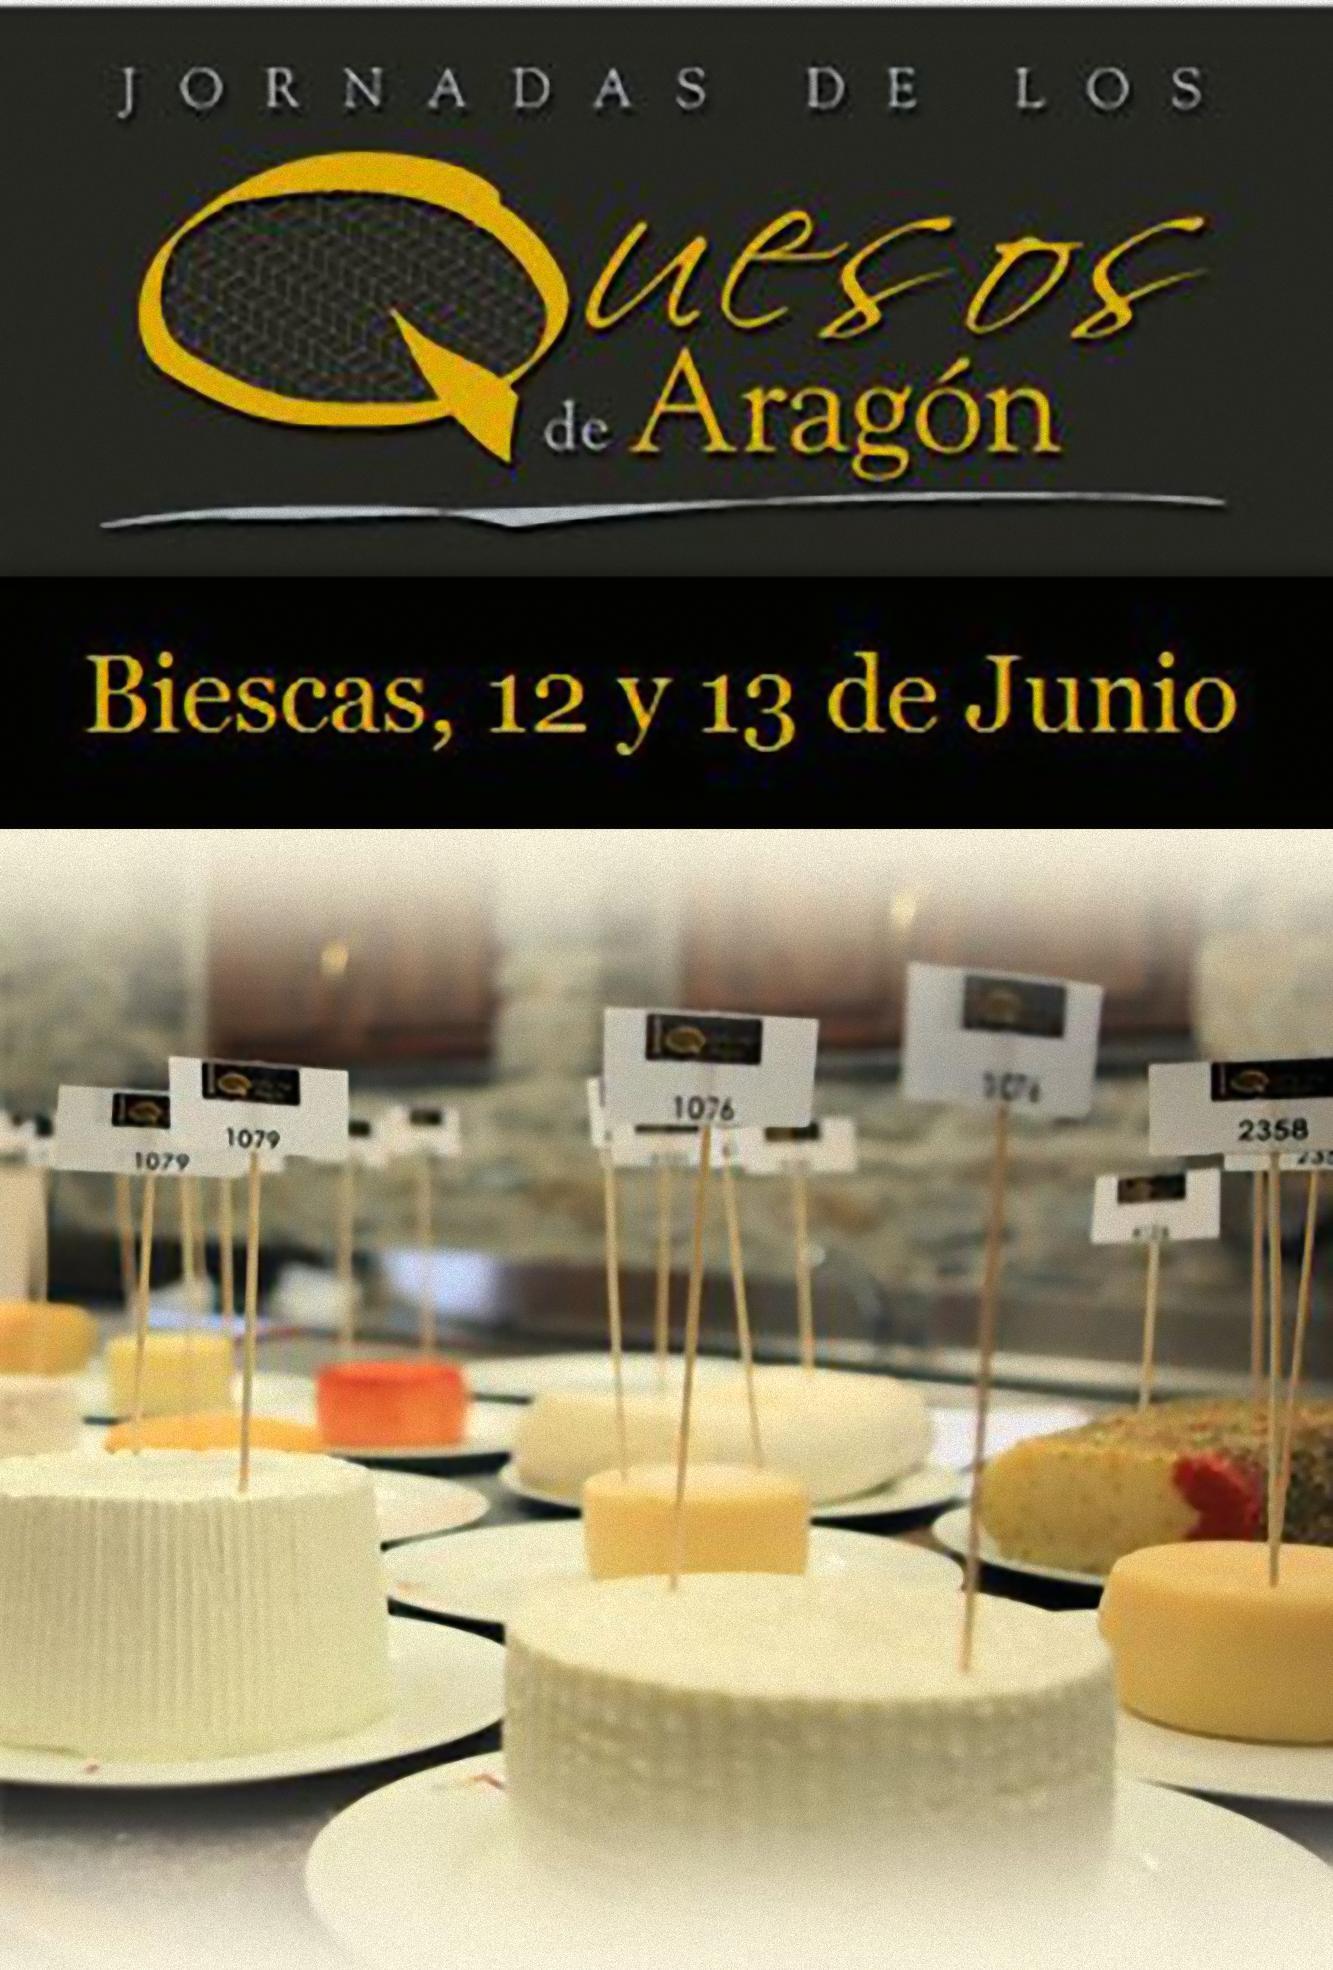 Primeras Jornadas de los Quesos de Aragón